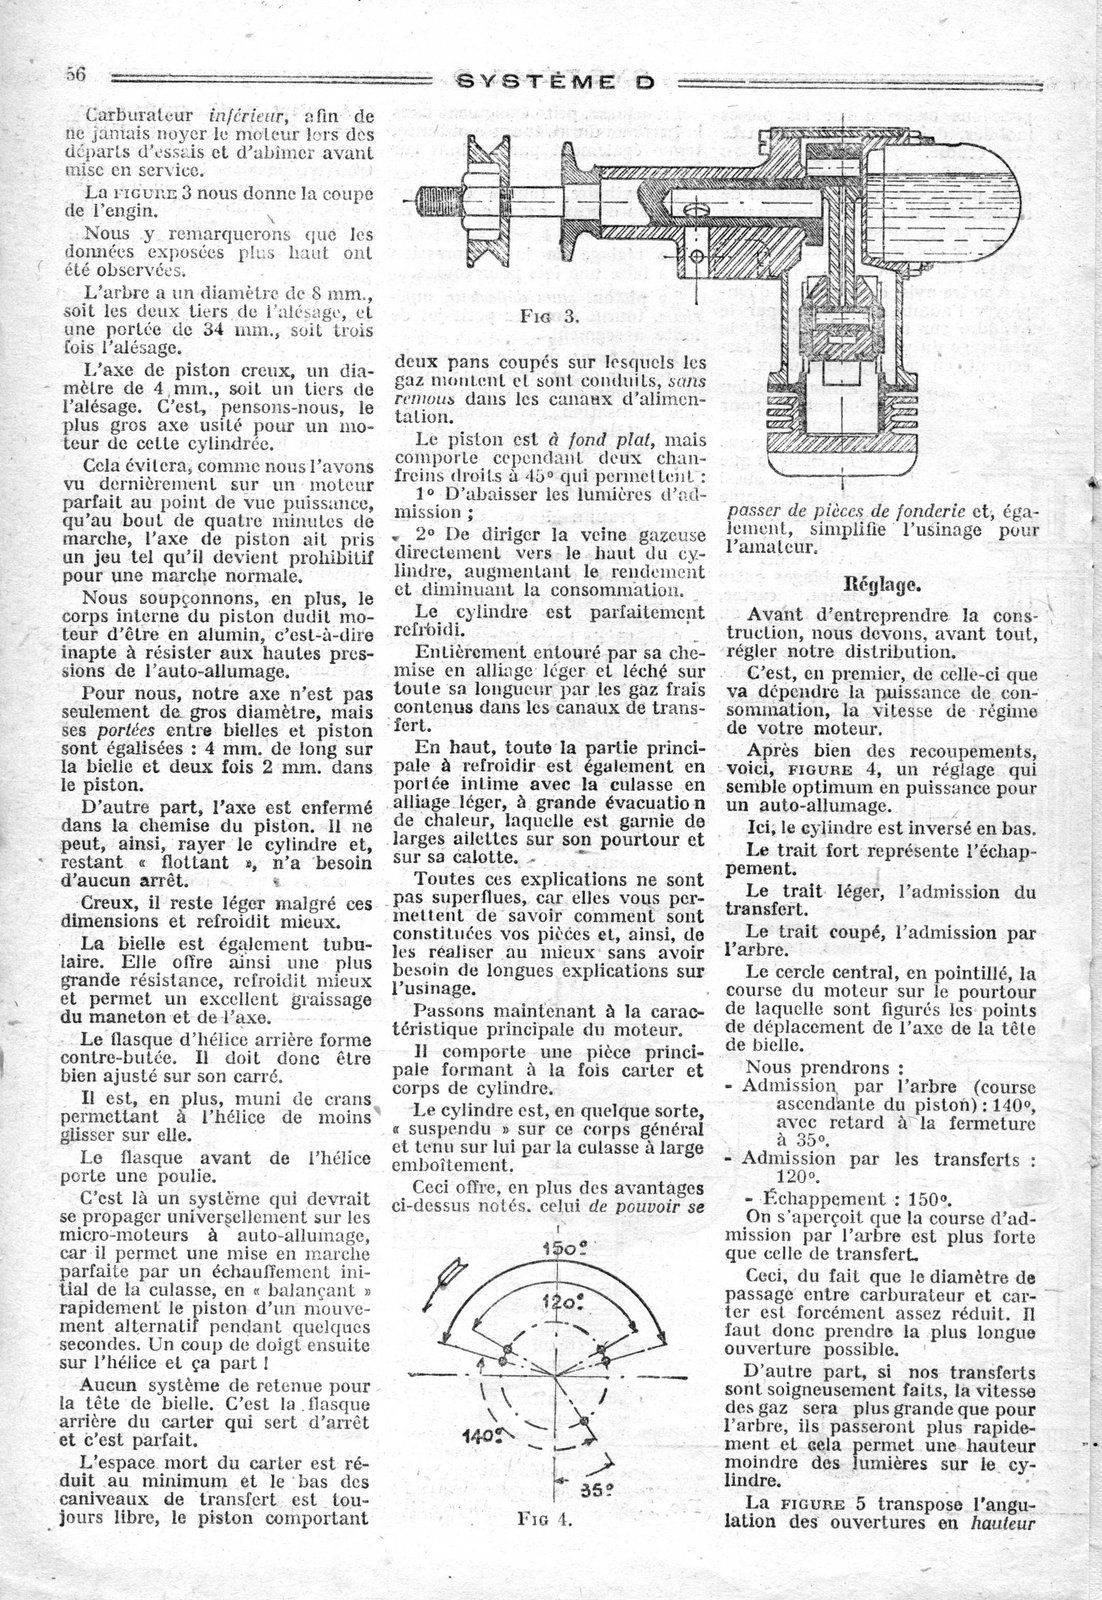 Micro-diesel 1,35cm3   3.jpg